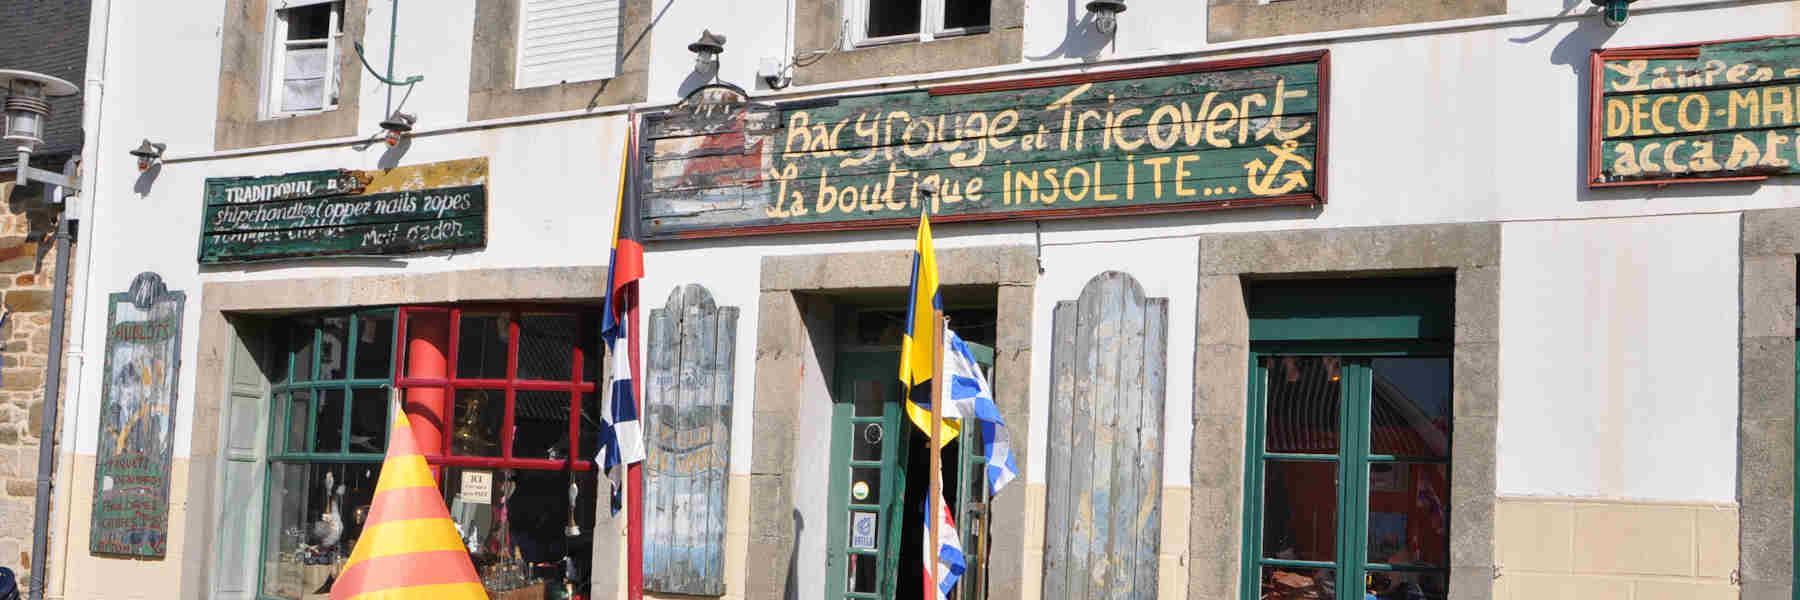 Commerce indépendant Bacyrouge et Tricovert